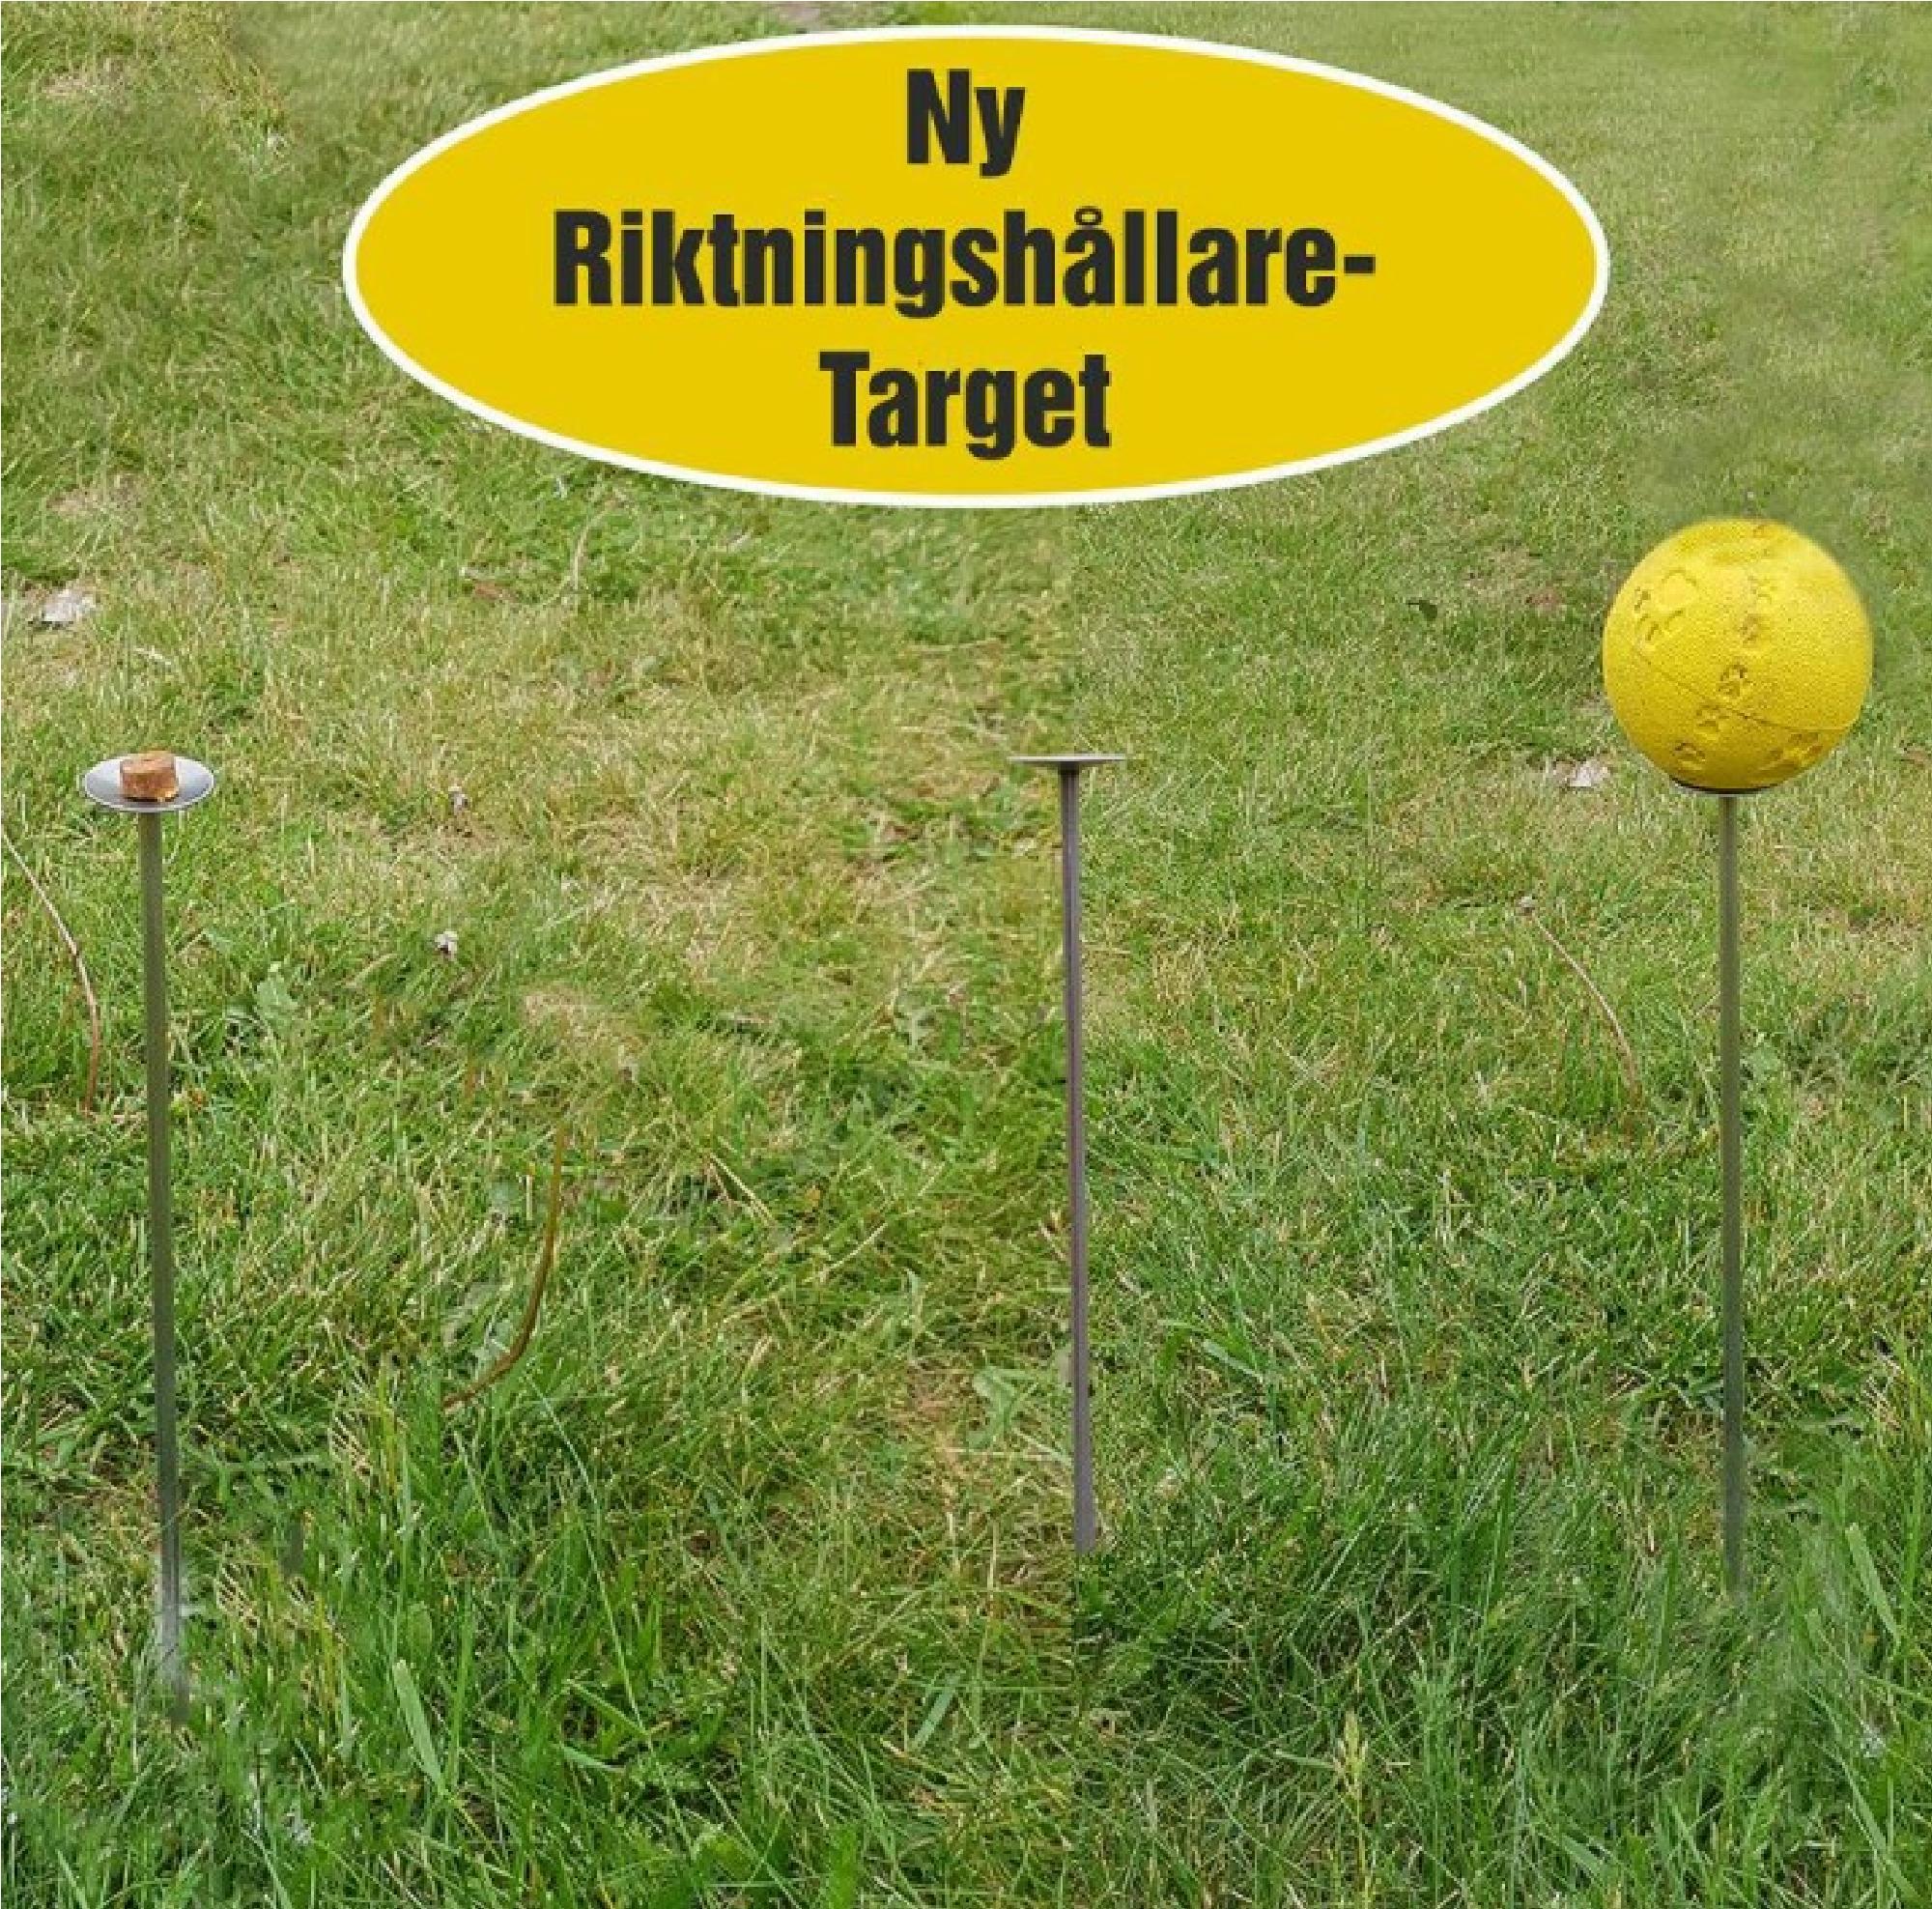 Target - Riktningshållare